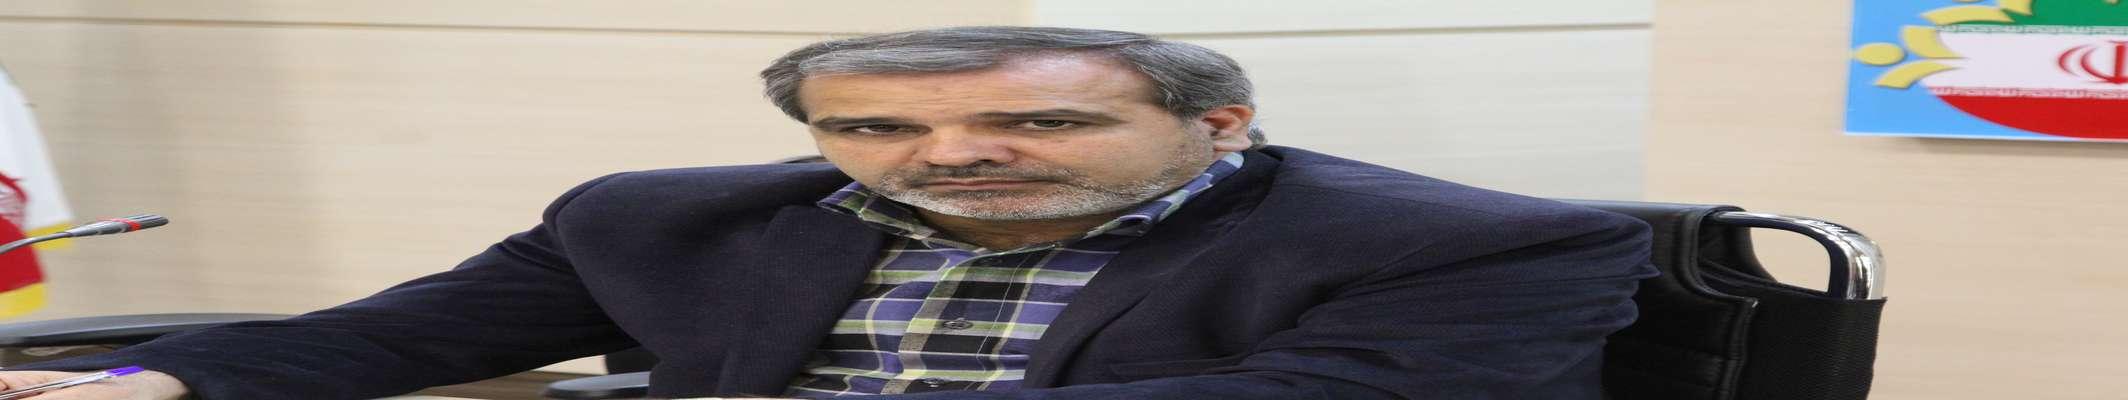 متن پیام تبریک رئیس شورای شهر بیرجند به مناسبت 9 اردیبهشت ماه روز شوراها